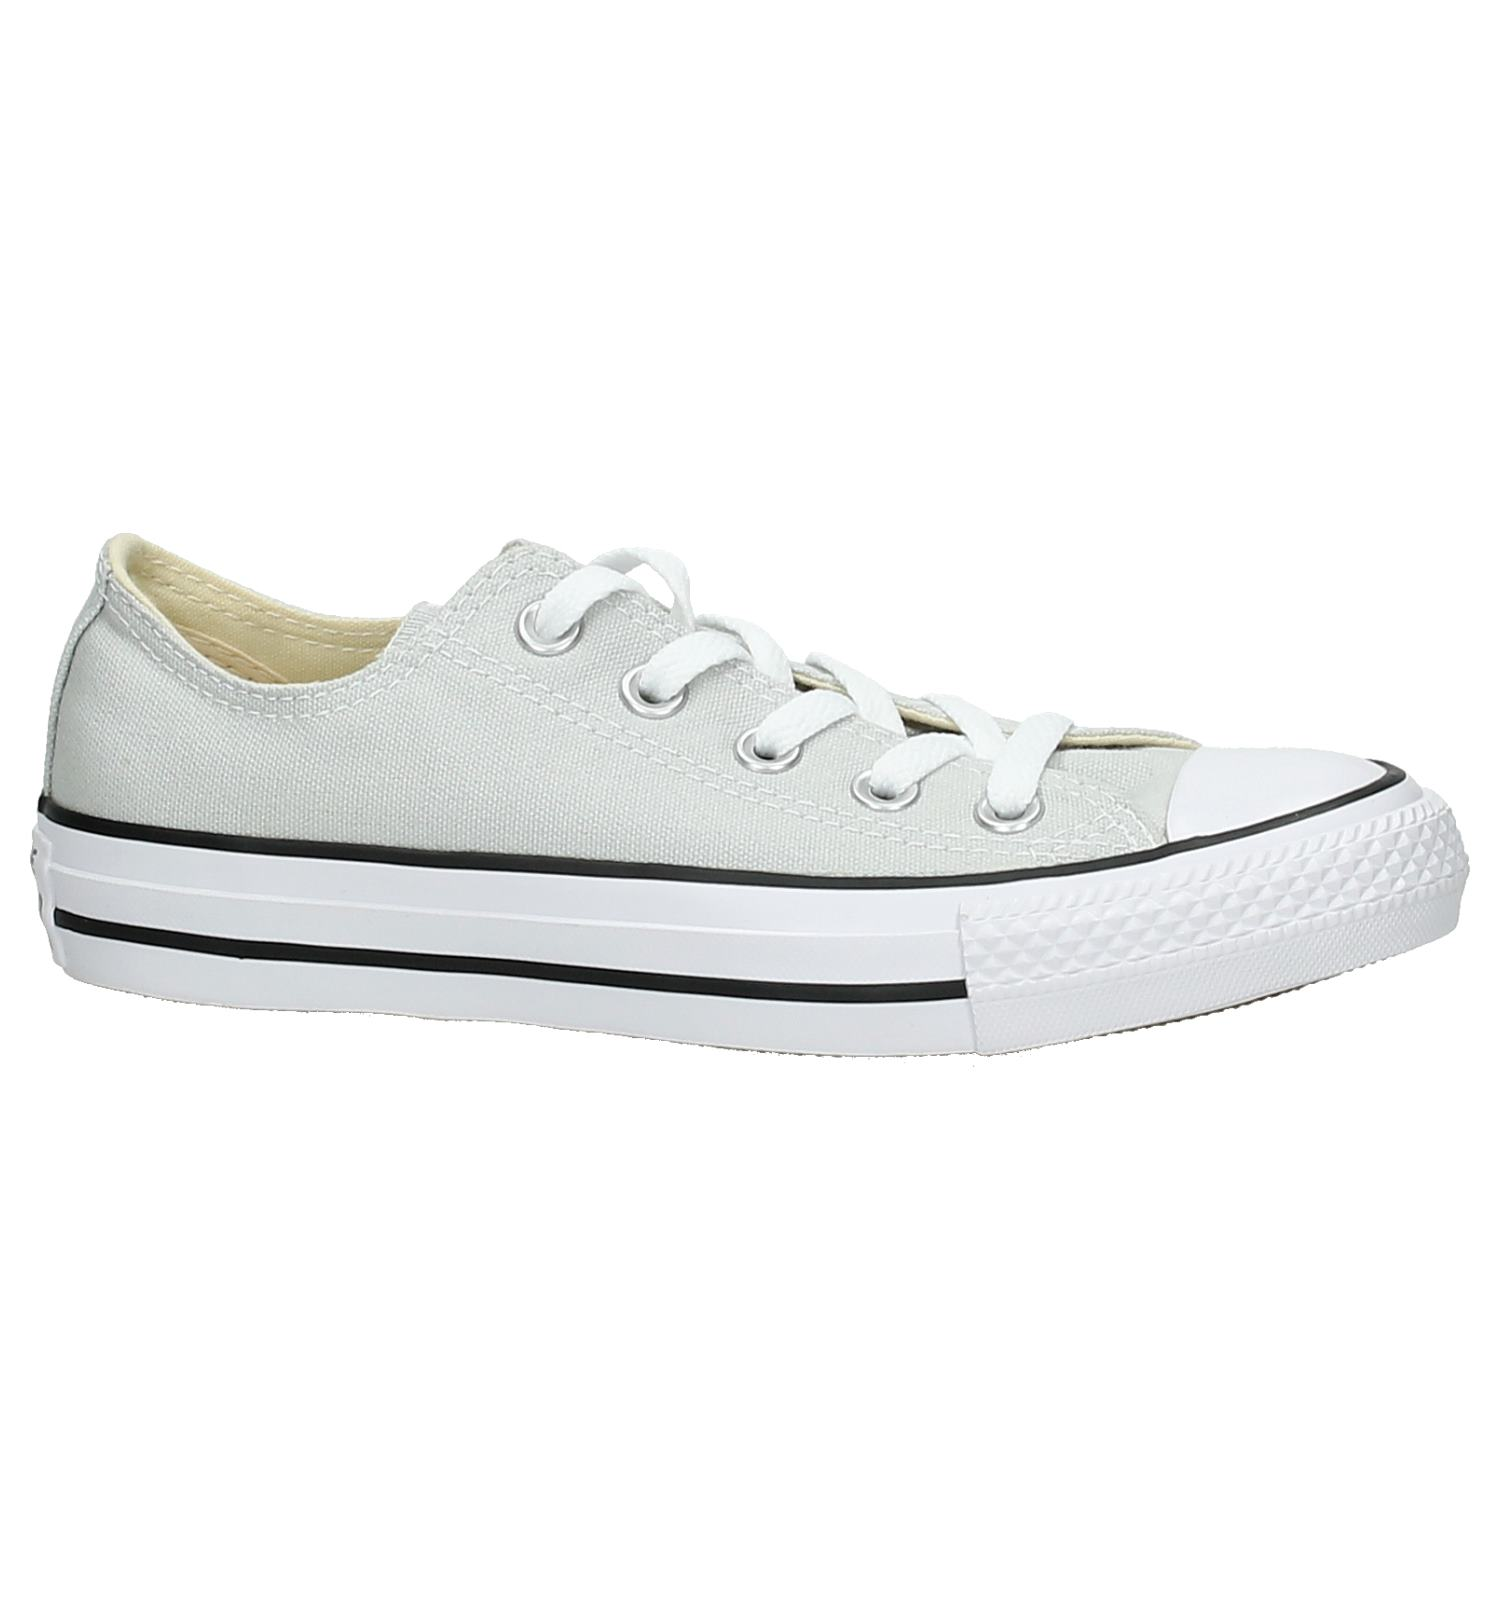 2125f487496 Converse Chuck Taylor All Star Sneakers Grijs | TORFS.BE | Gratis verzend  en retour